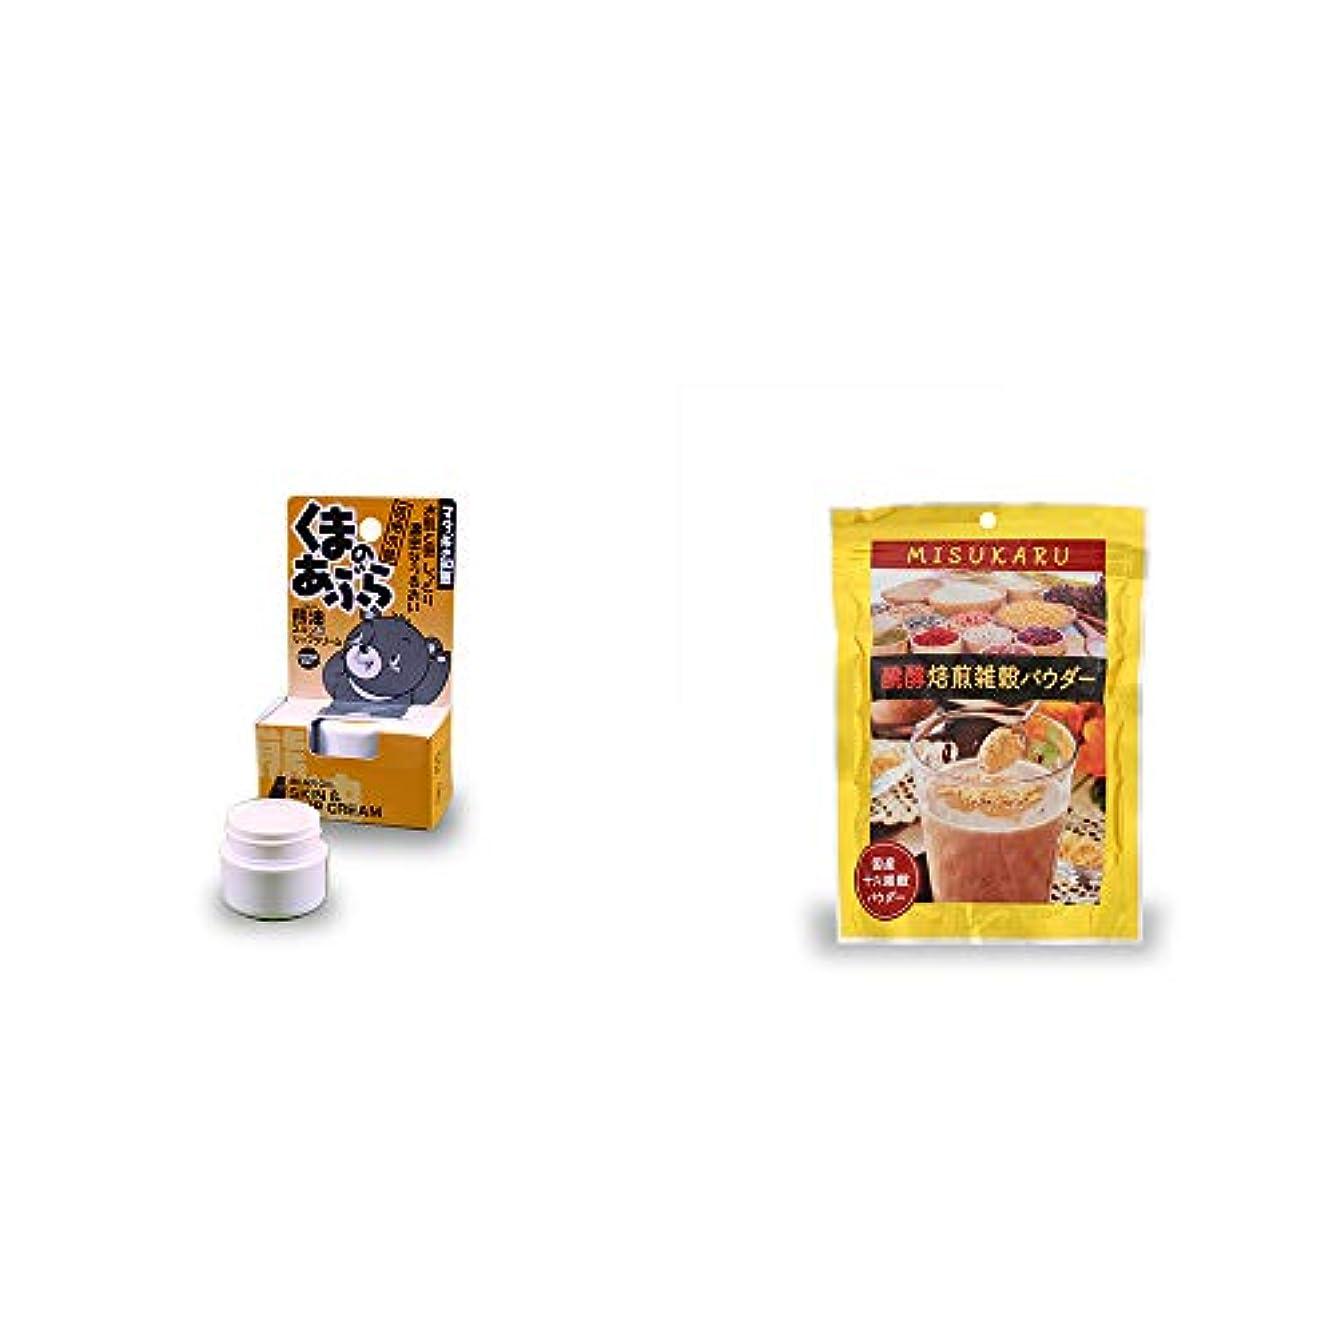 恐怖瞑想する寸前[2点セット] 信州木曽 くまのあぶら 熊油スキン&リップクリーム(9g)?醗酵焙煎雑穀パウダー MISUKARU(ミスカル)(200g)